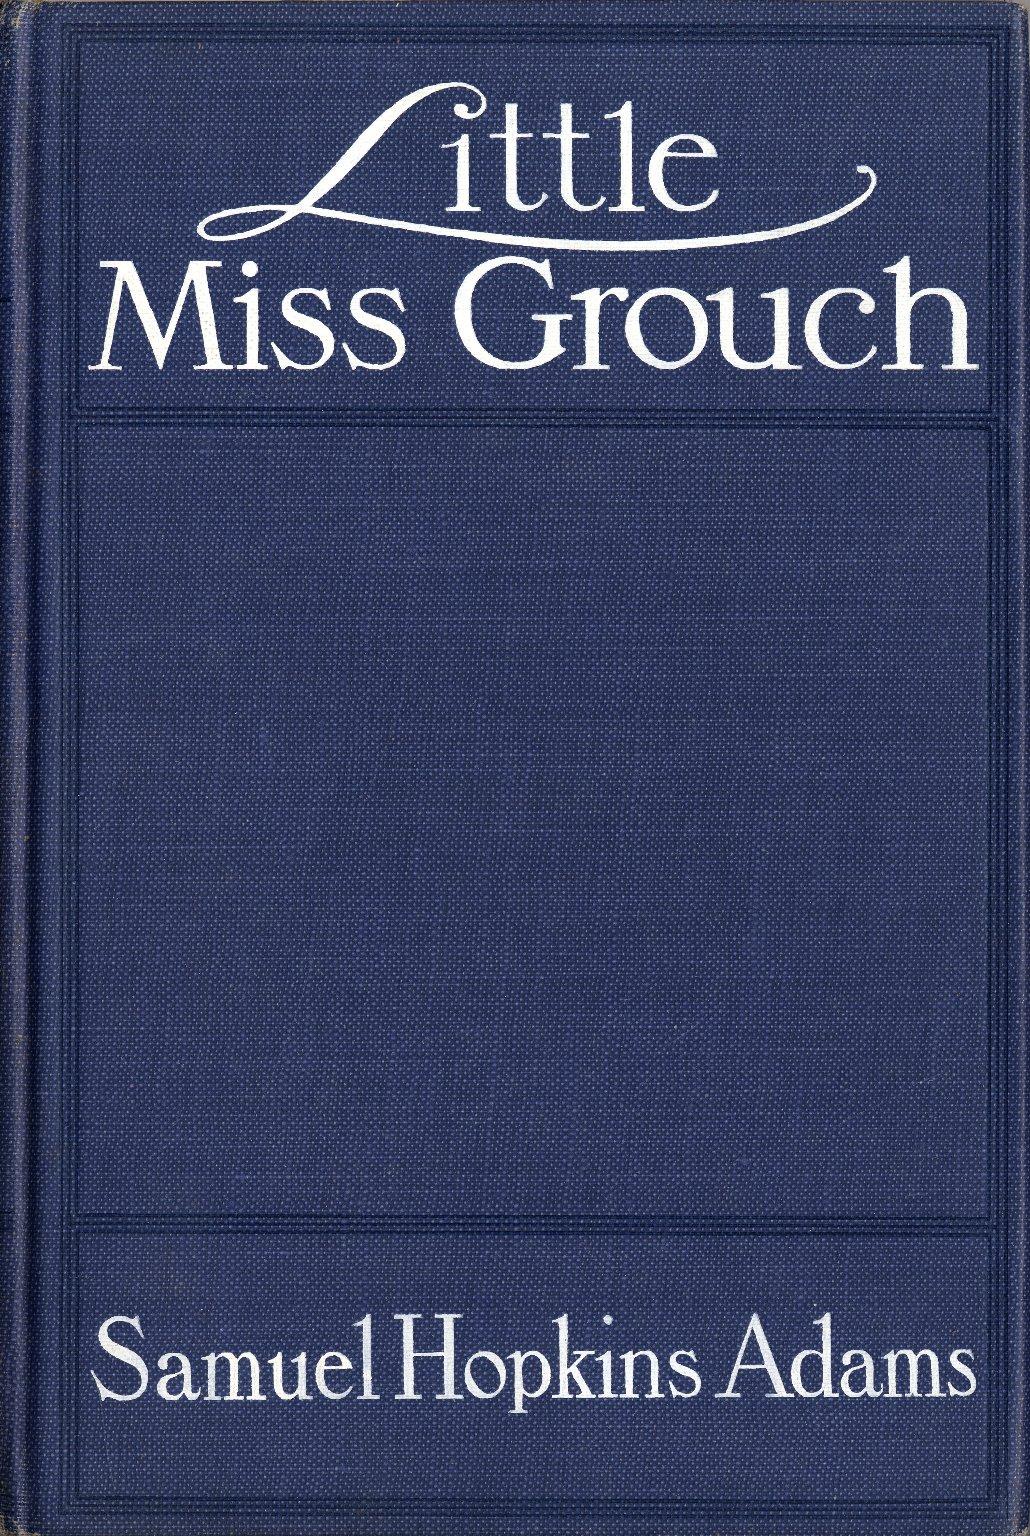 Little Miss Grouch